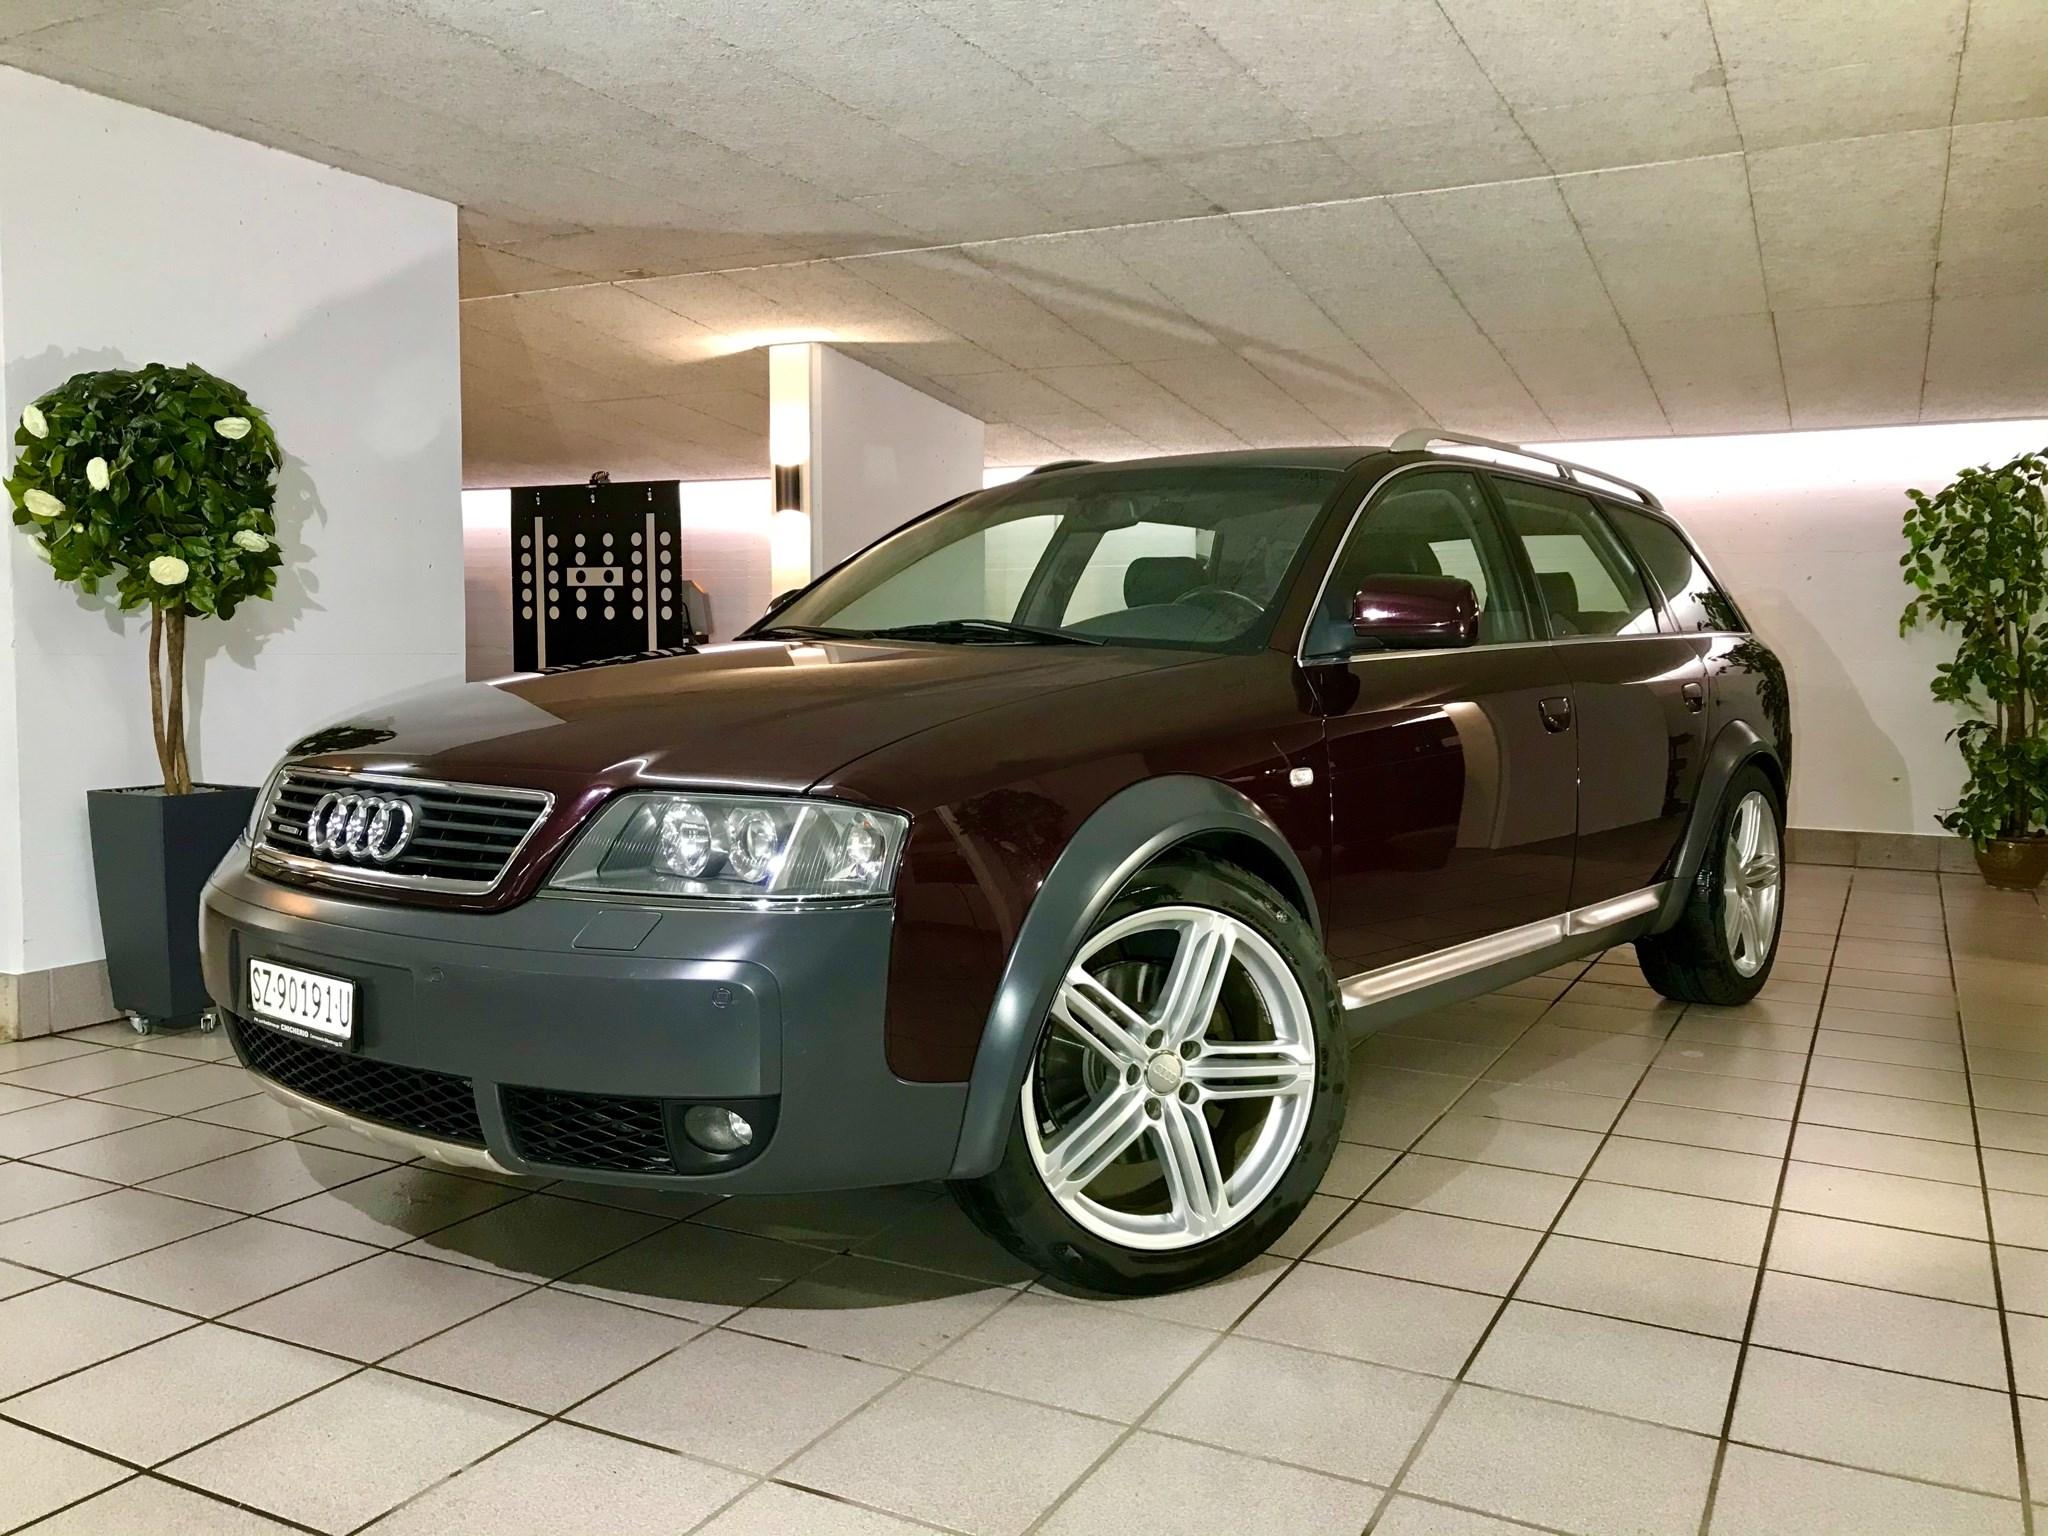 suv Audi A6 Allroad 2.5TDI quattro